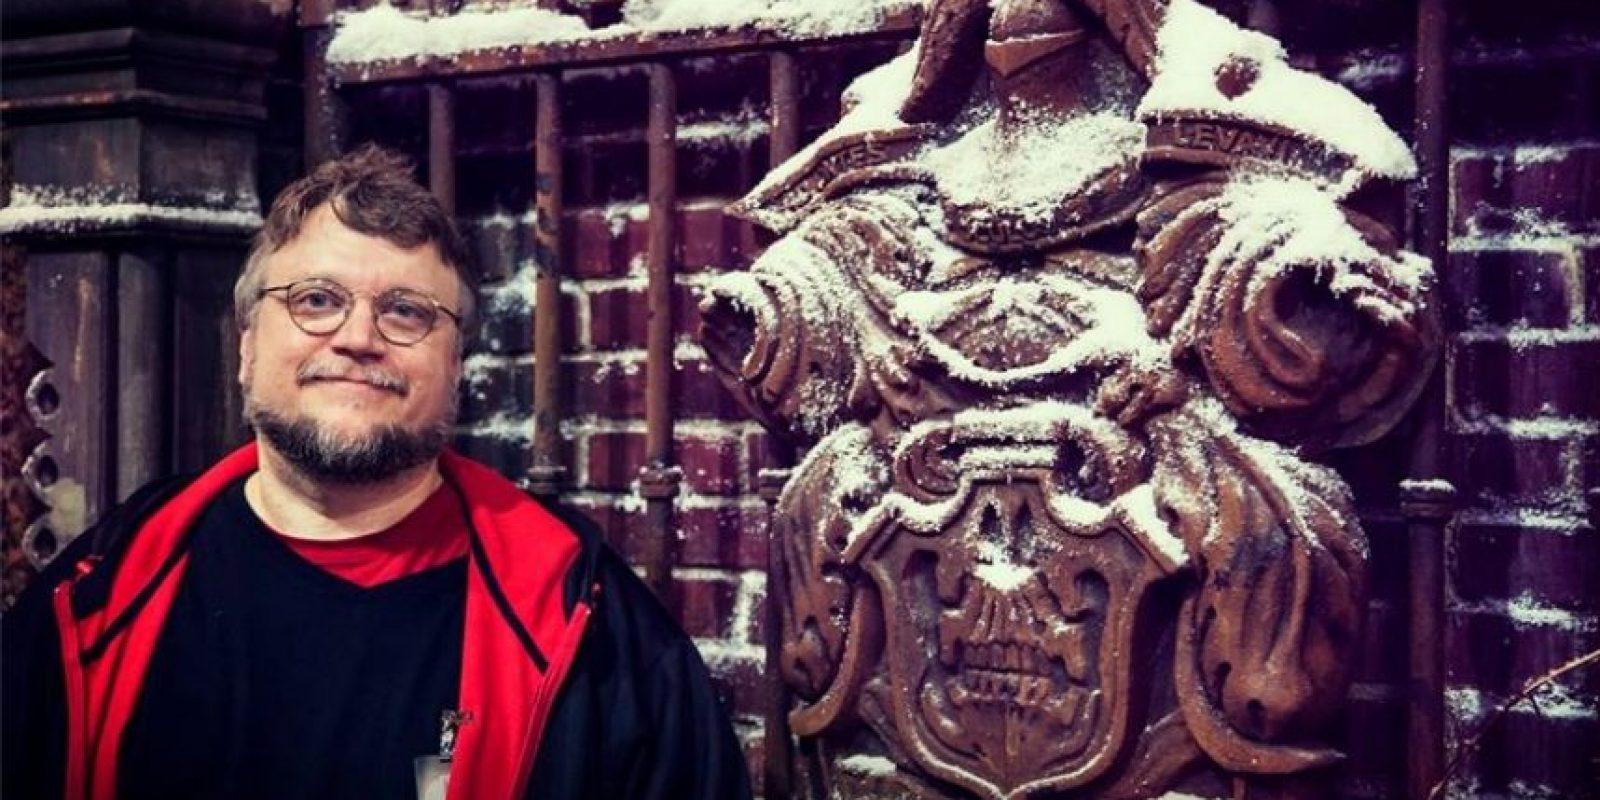 Guillermo del Toro es un director, guionista y novelista mexicano Foto:Facebook/CrimsonPeak